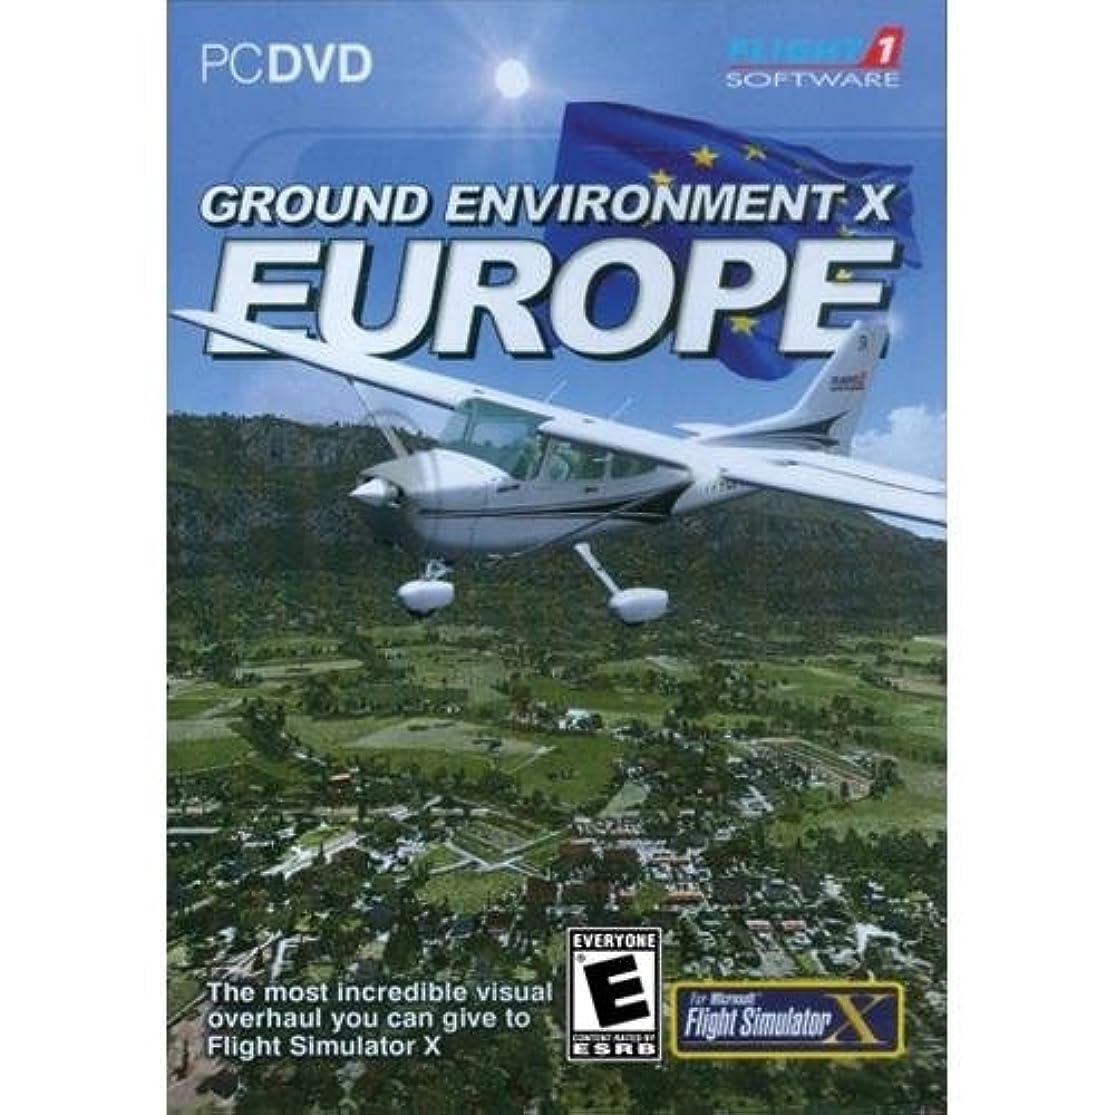 悪質な魅力的であることへのアピール汚染Ground Environment X Europe Add-on for Microsoft Flight Simulator X